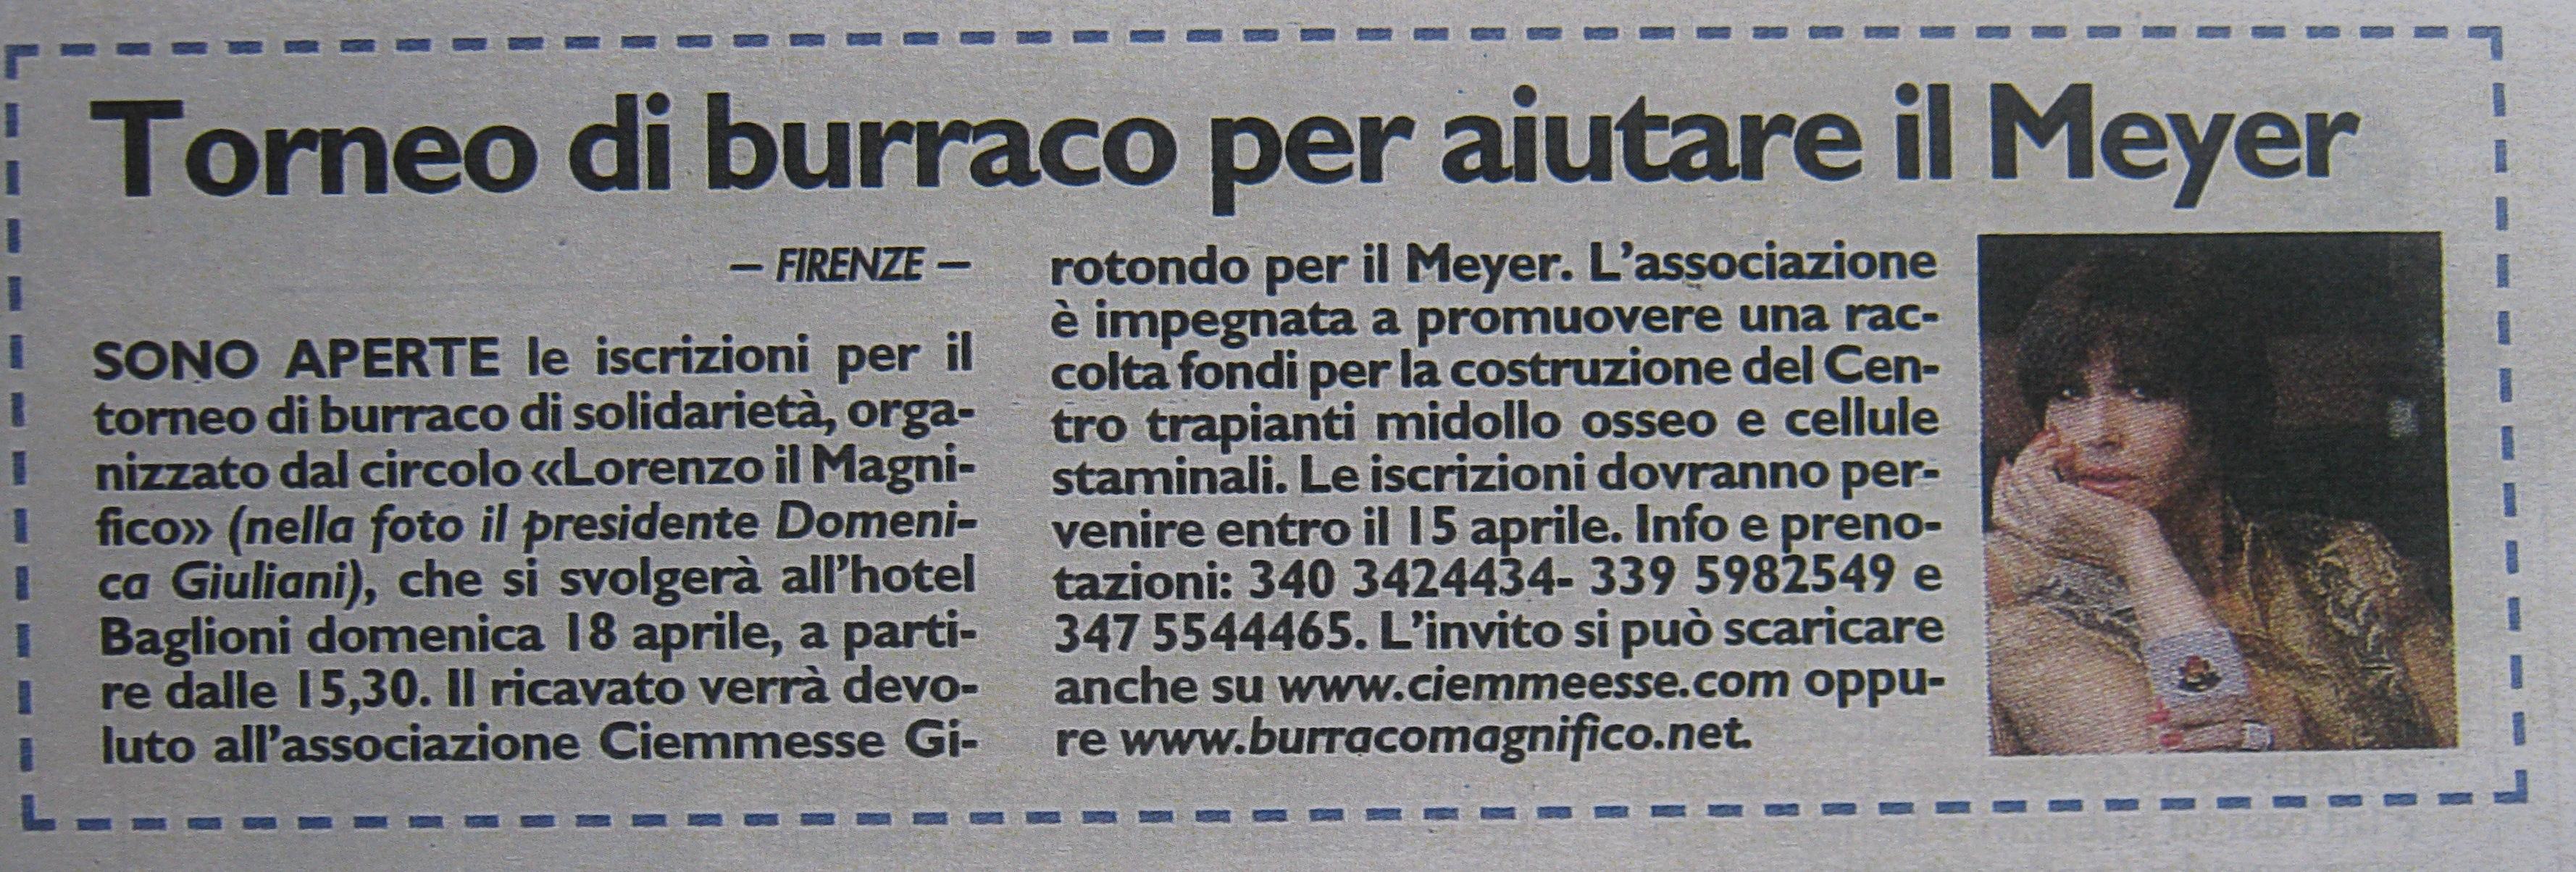 la-nazione-aprile-2010